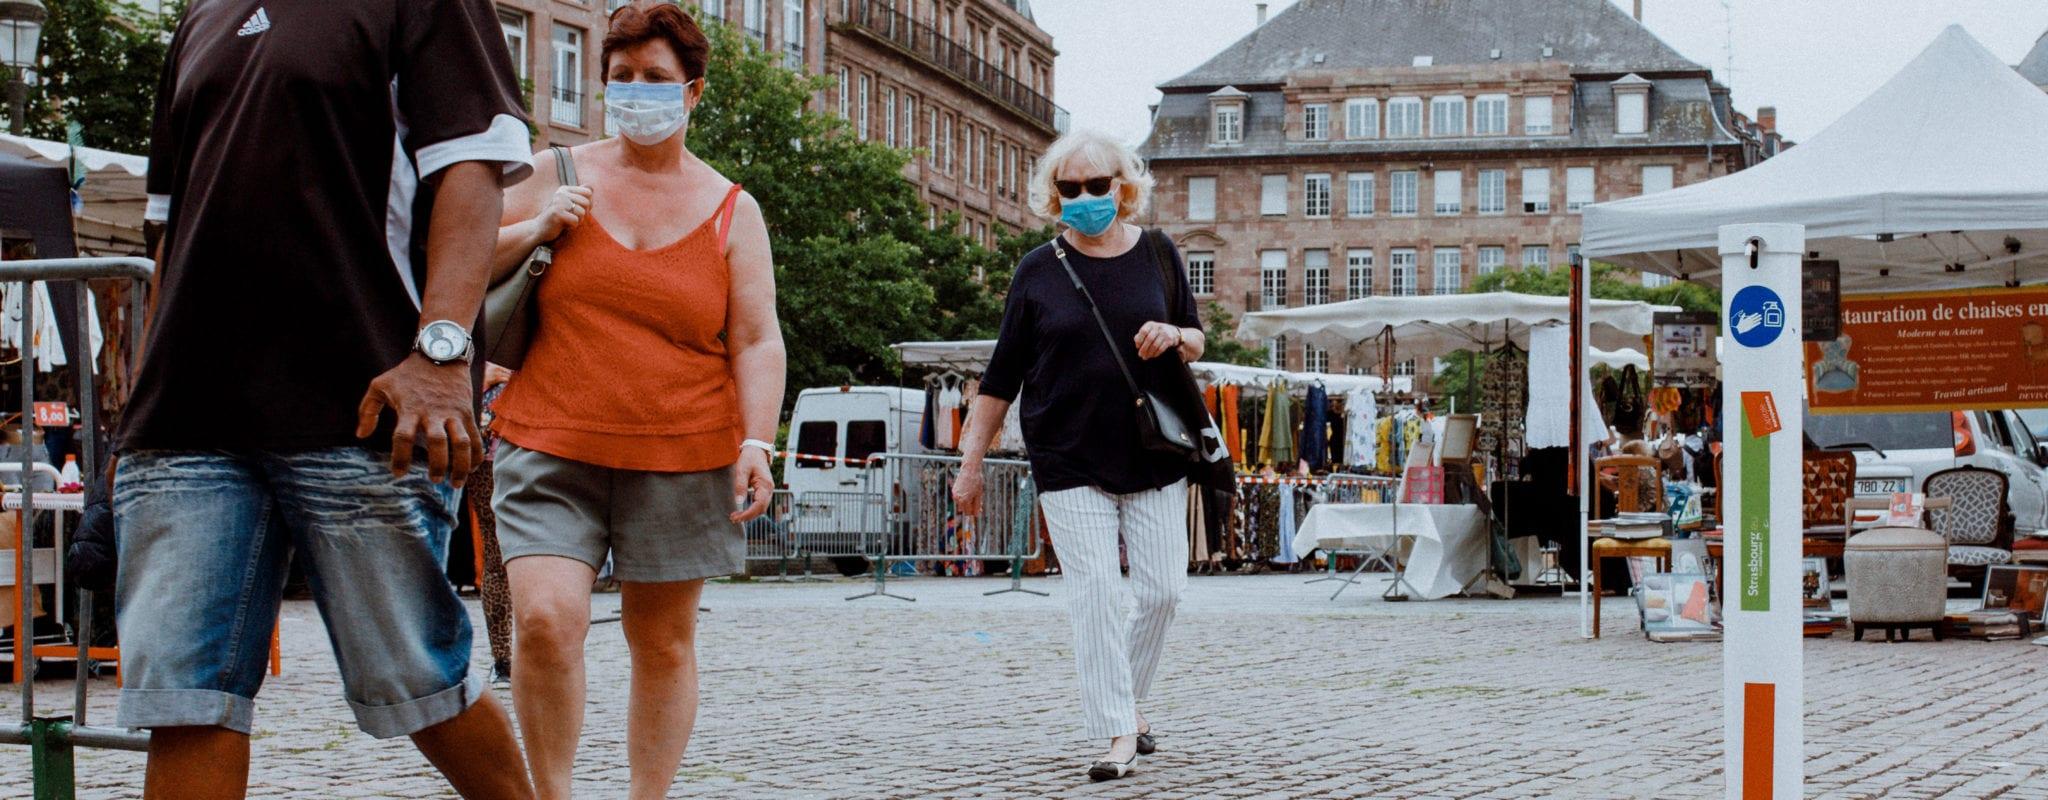 Le tribunal administratif suspend l'arrêté sur les masques au centre-ville